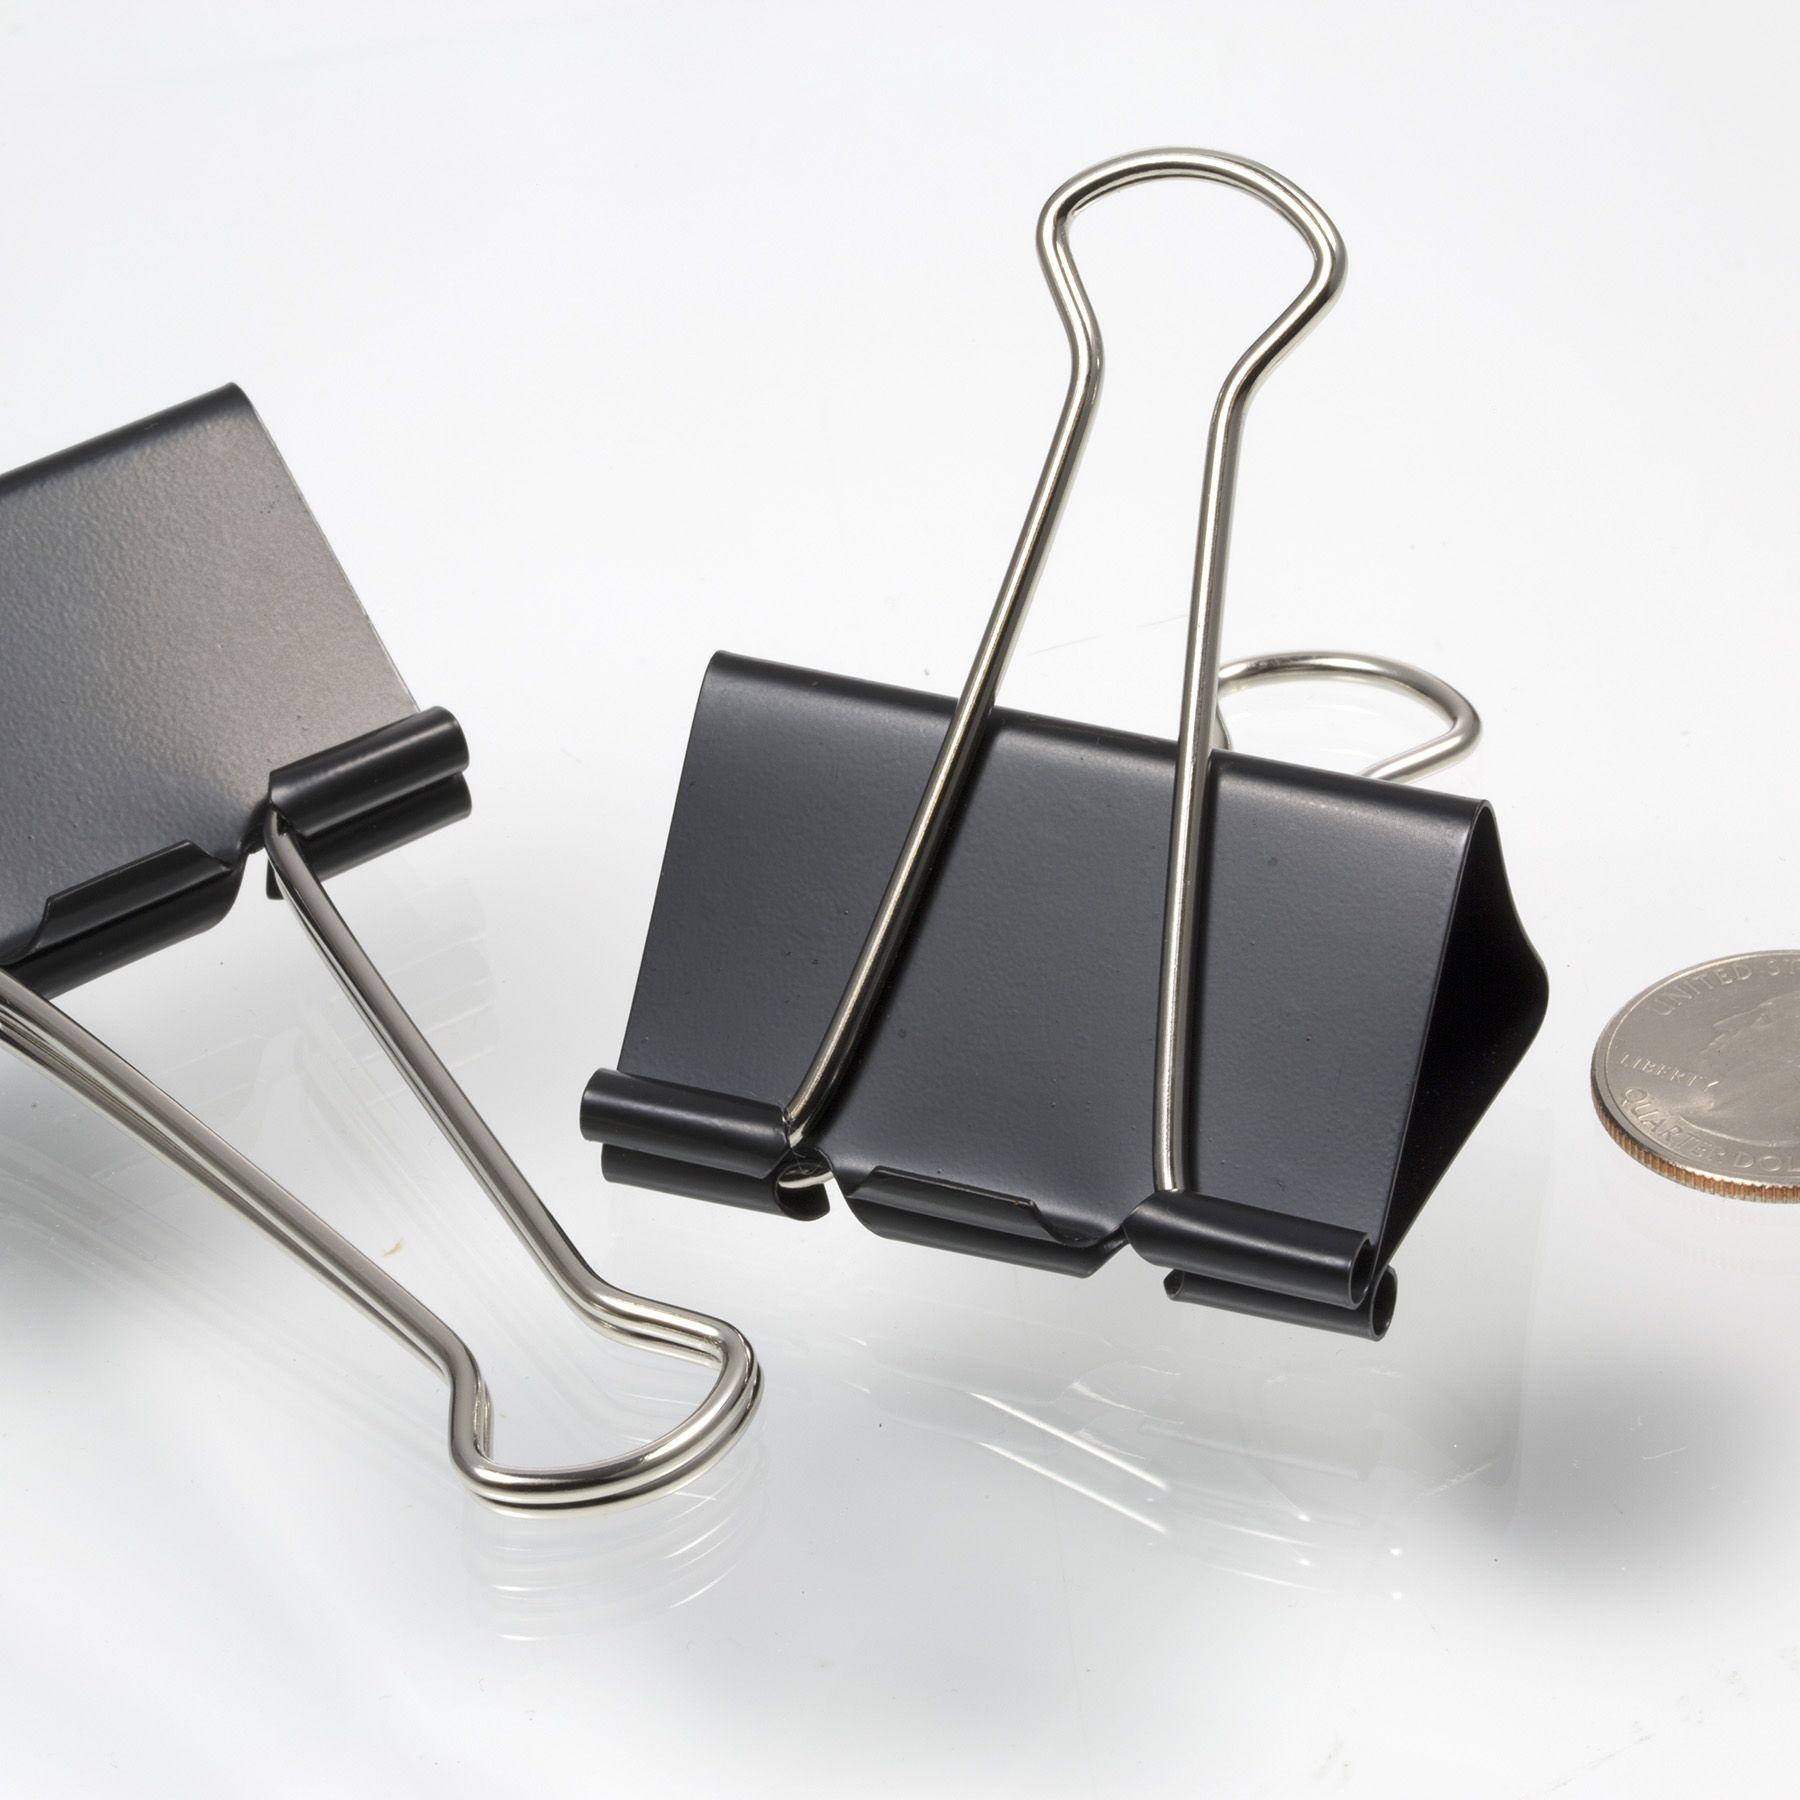 Large / Binder Clips, Black